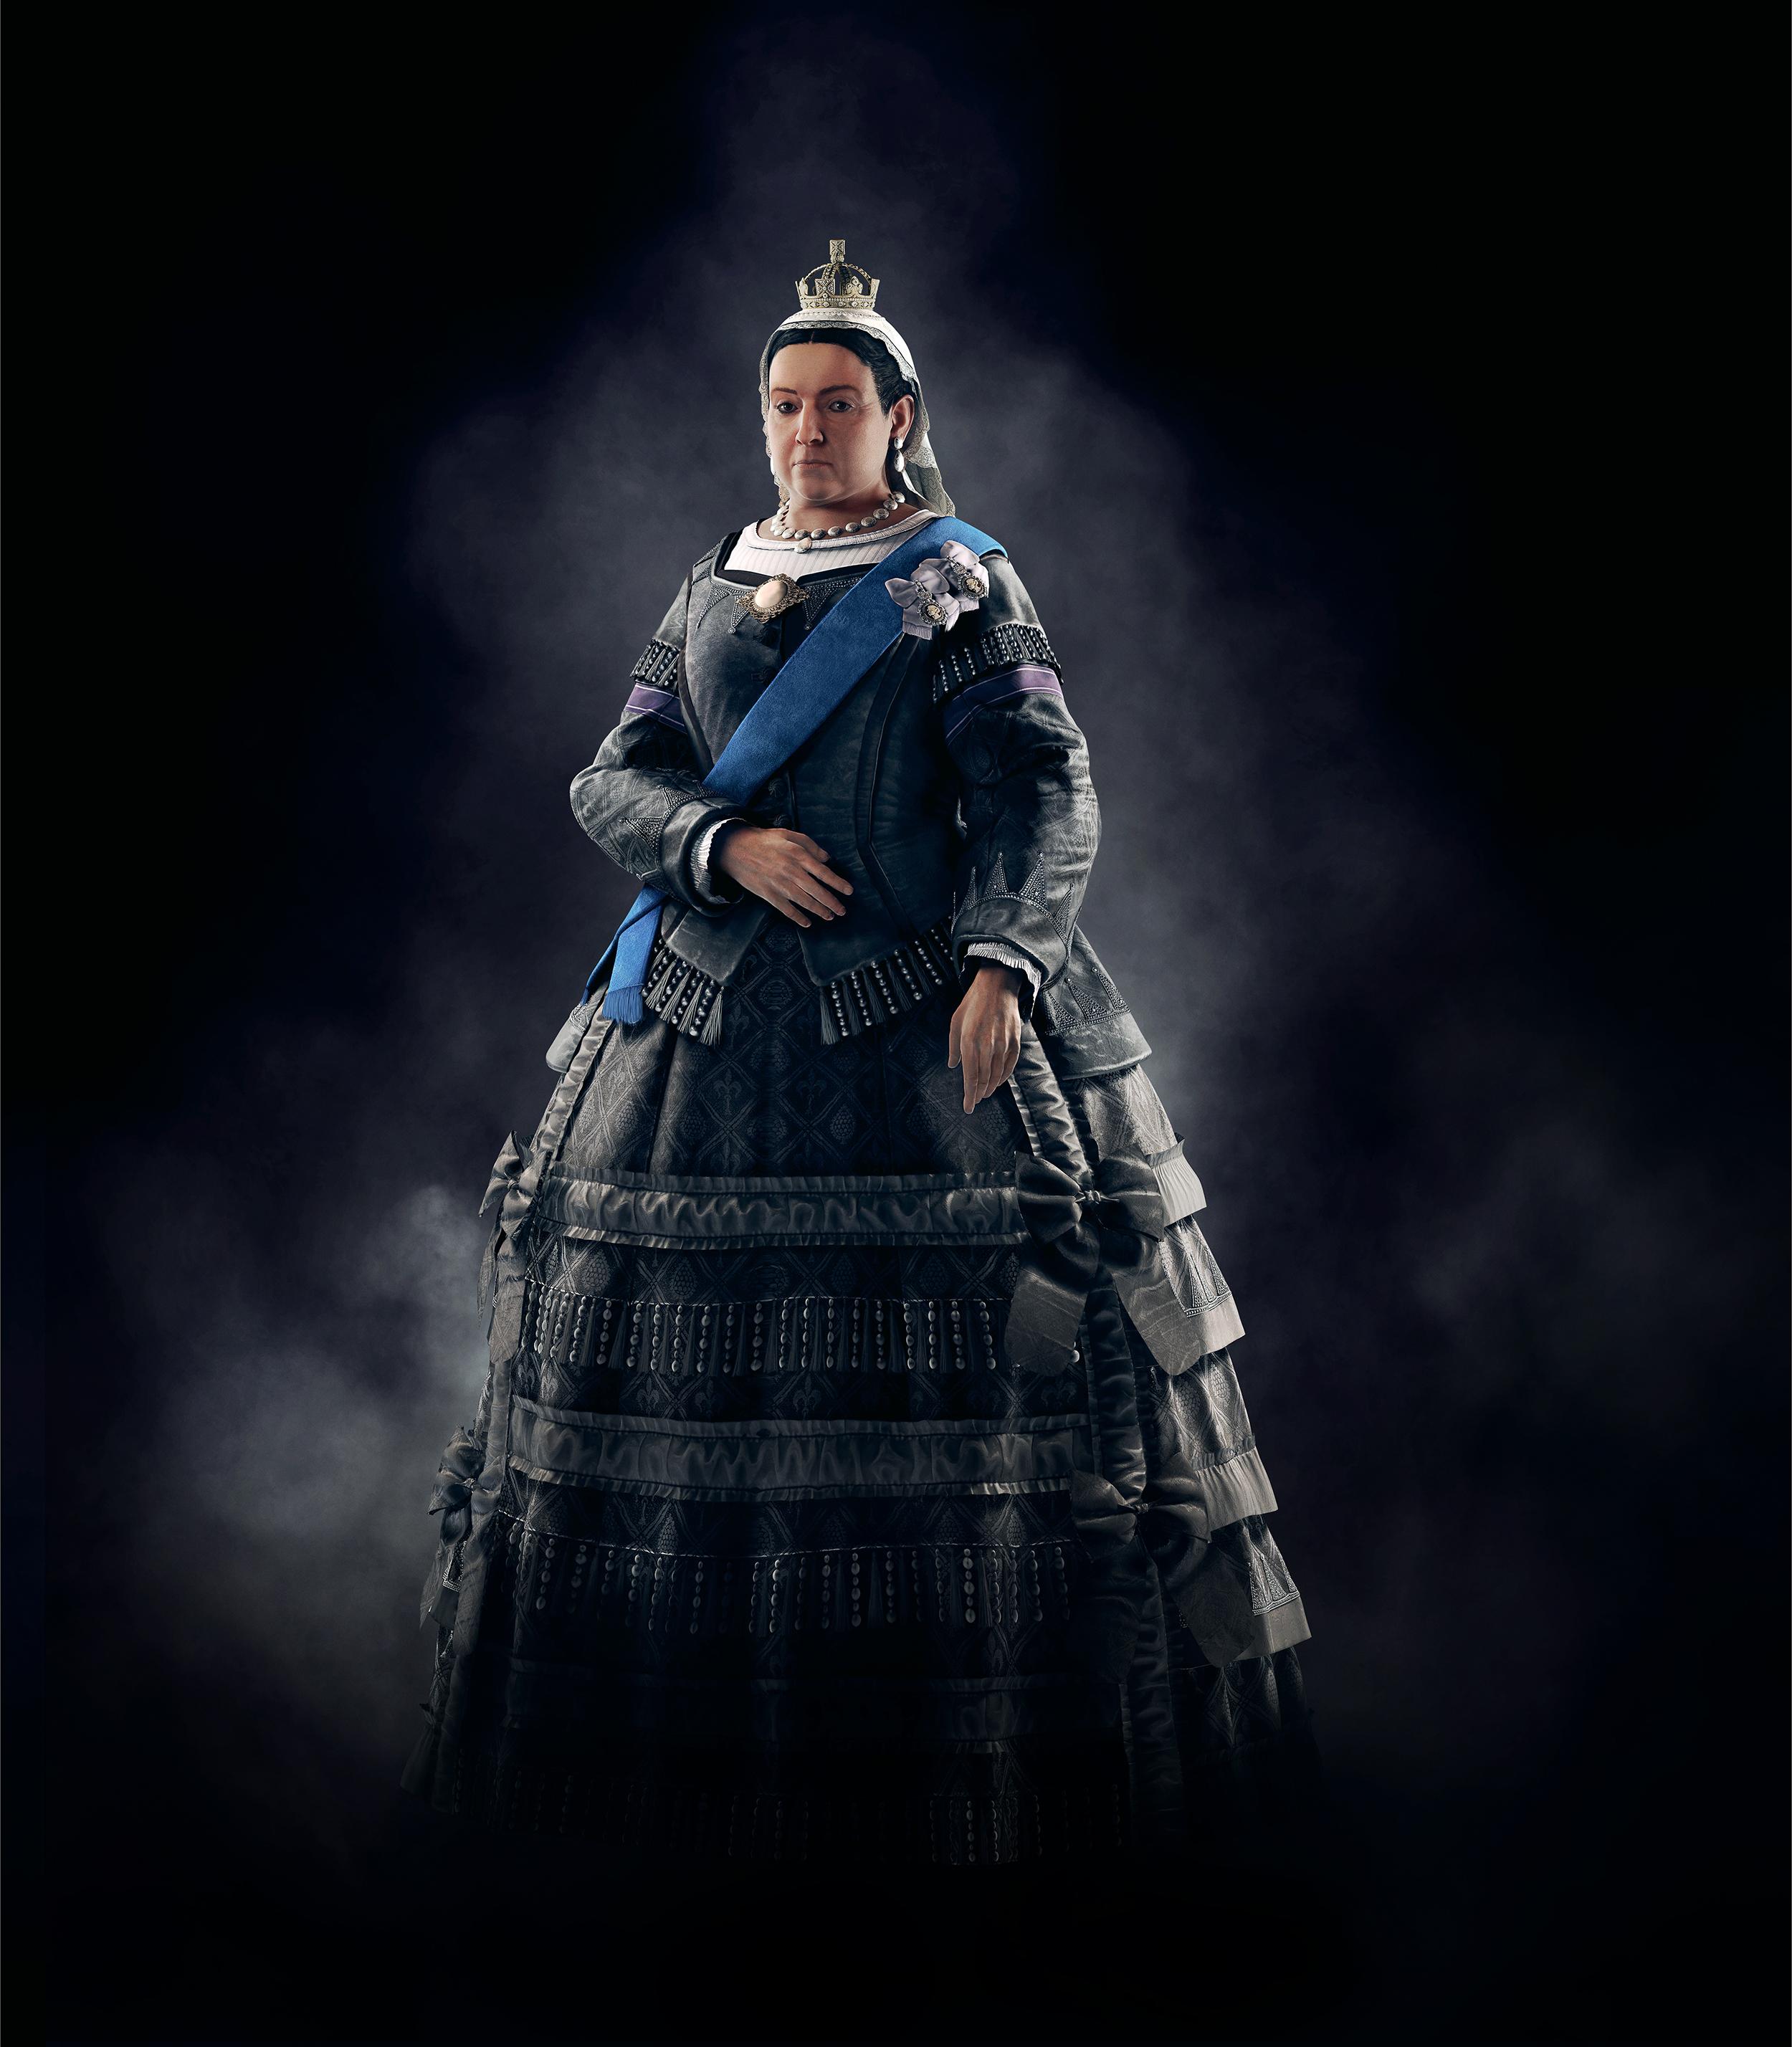 Historické osobnosti v Assassin's Creed: Syndicate 114895